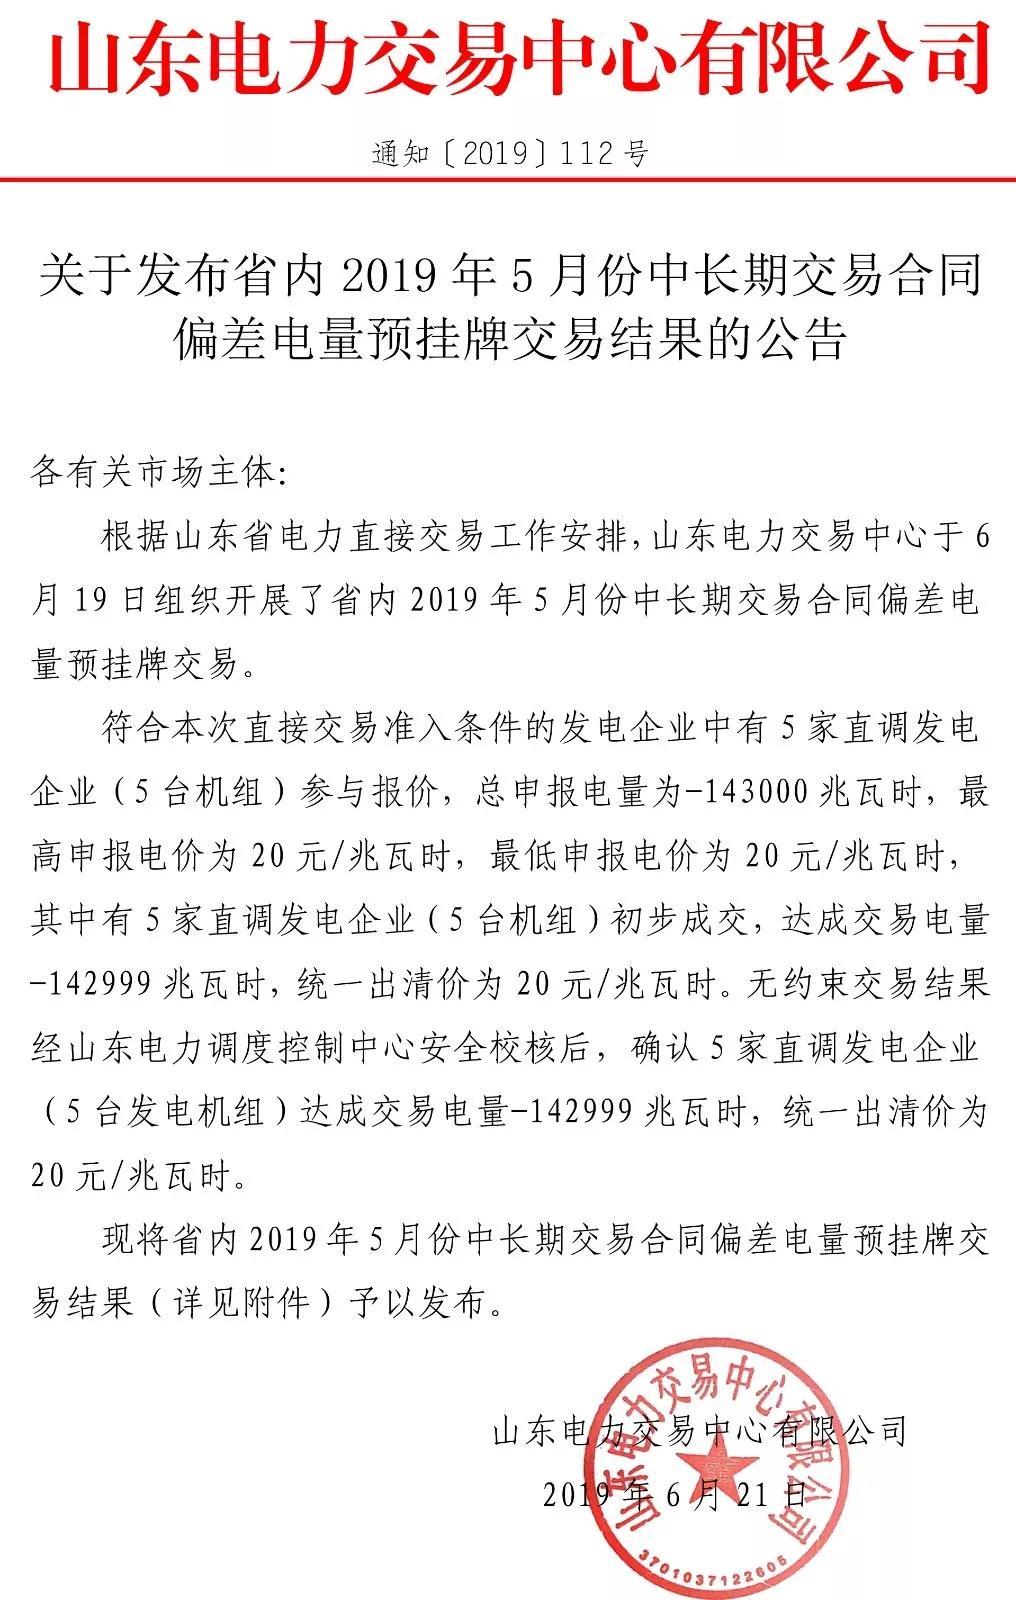 山东省内5月中长期交易合同偏差电量预挂牌交易结果